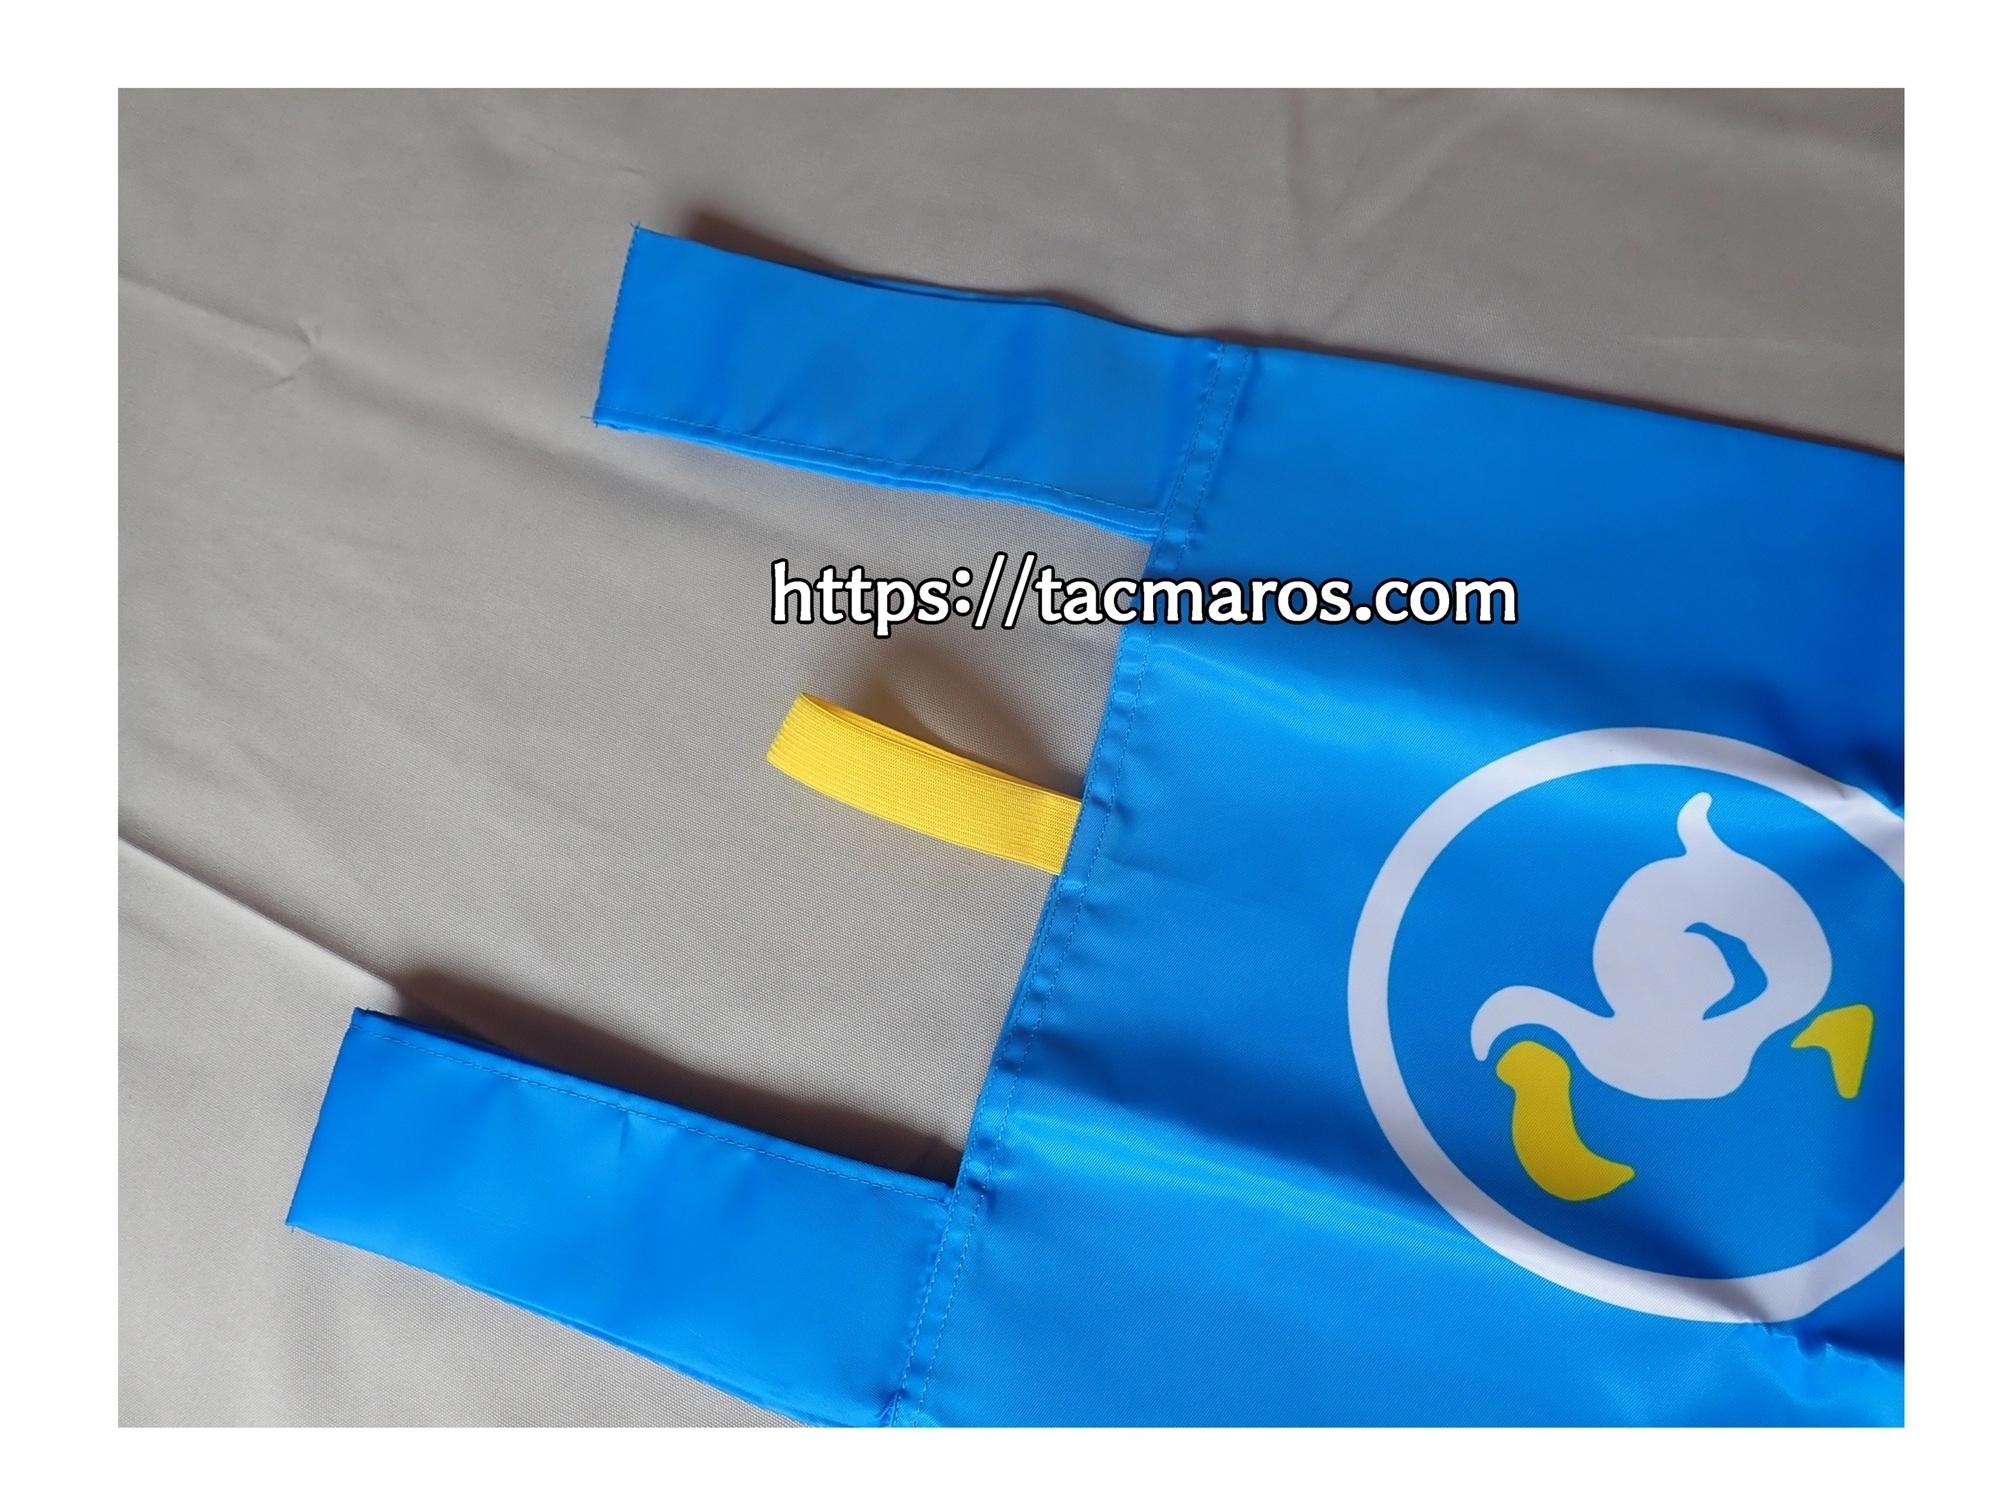 マイニンテンドープラチナポイント交換グッズ あつまれ どうぶつの森 エコバッグ 黄色いゴムはなぜついているのか 使用方法